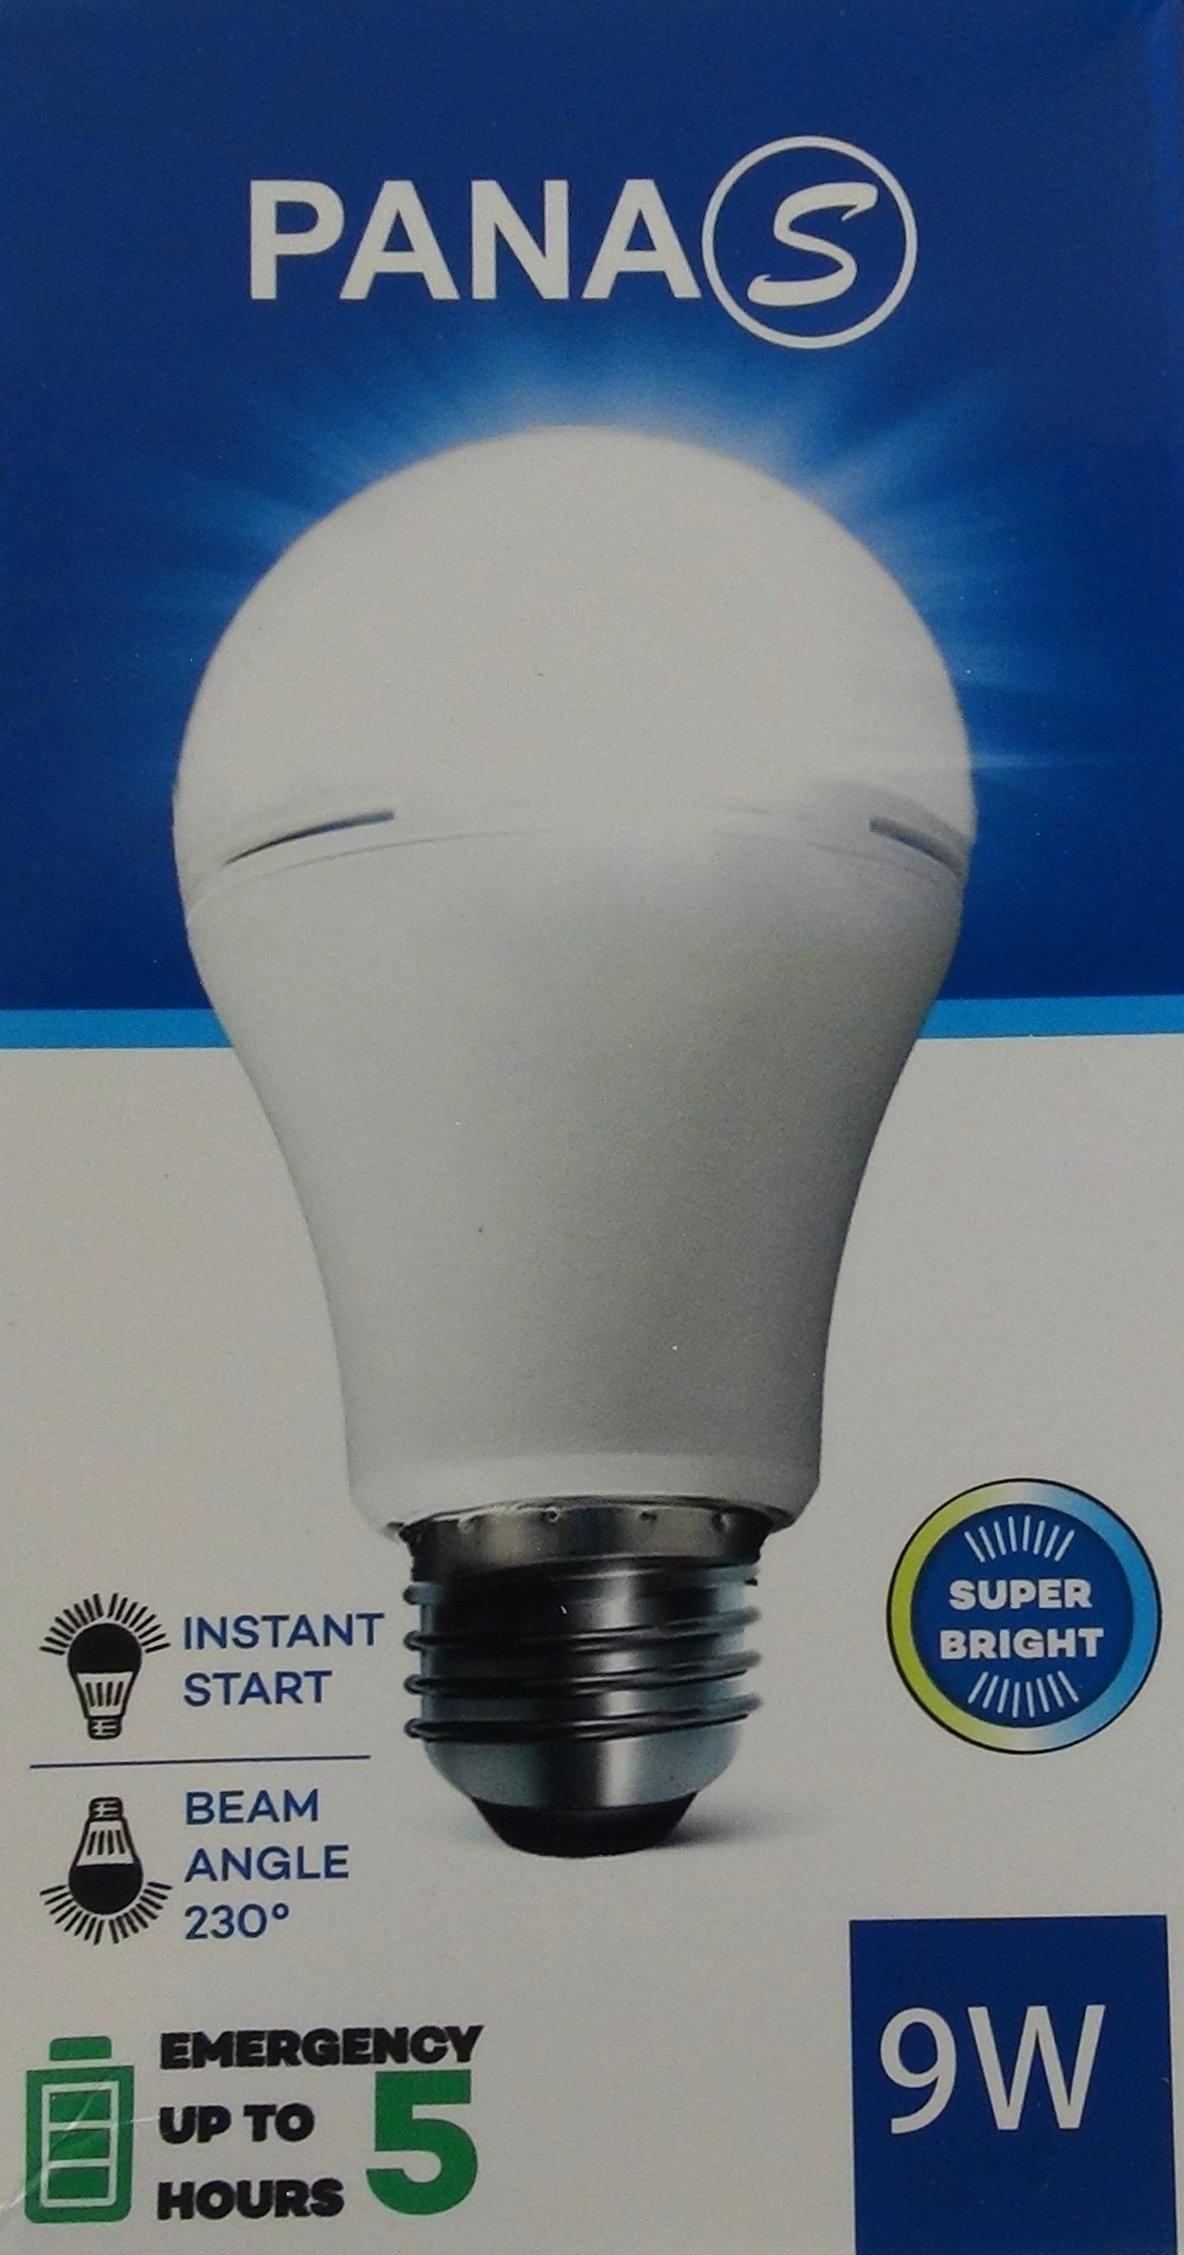 Light Bulb / Ampoule PANAS rechargeable 9 W